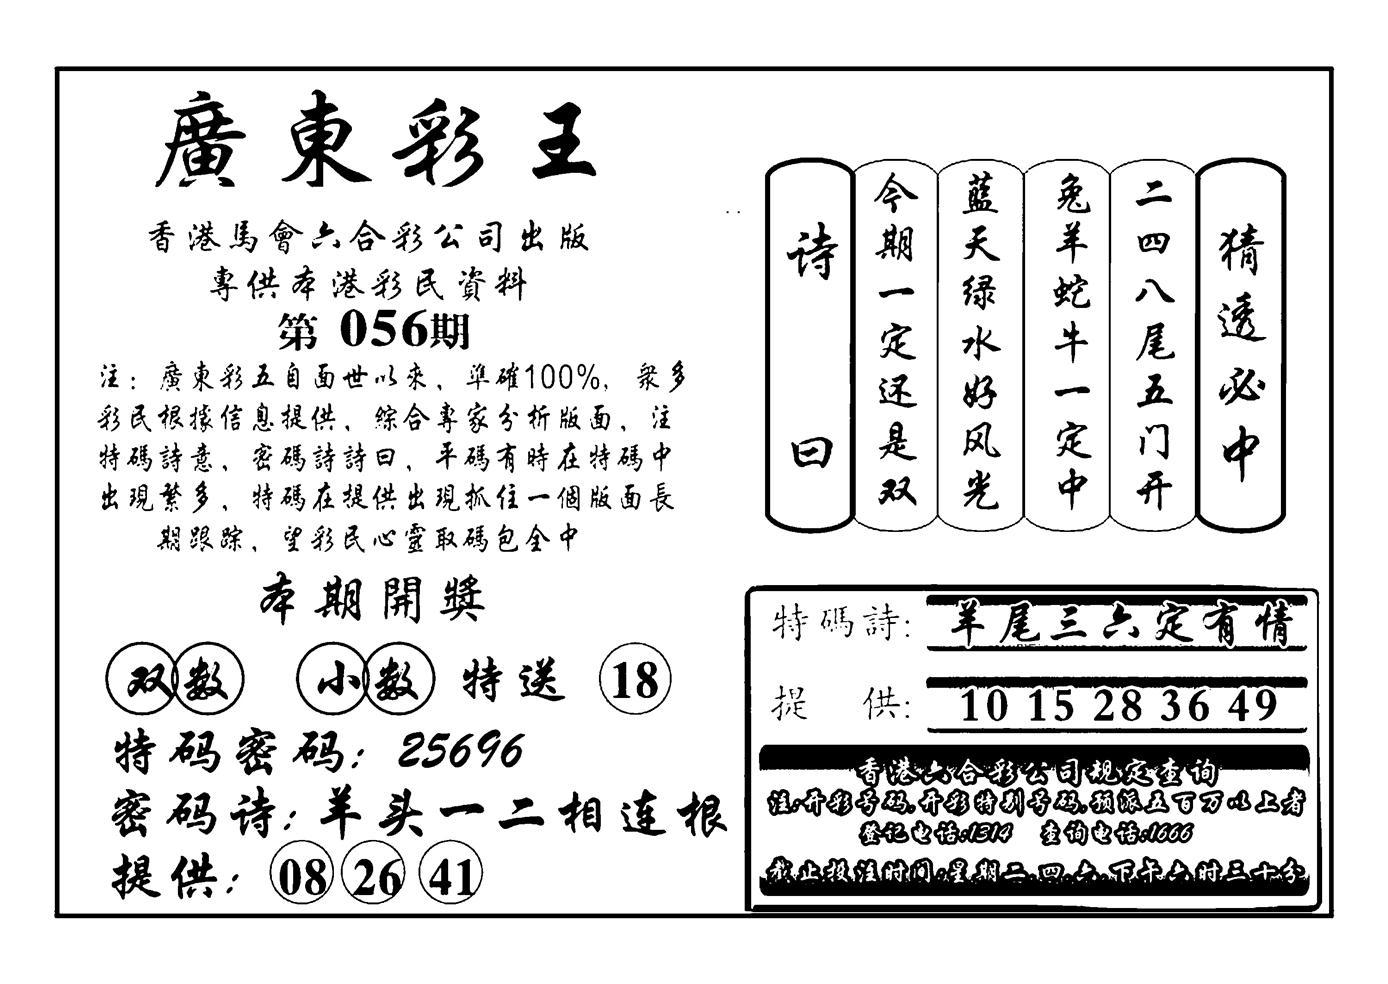 056期广东彩王(黑白)